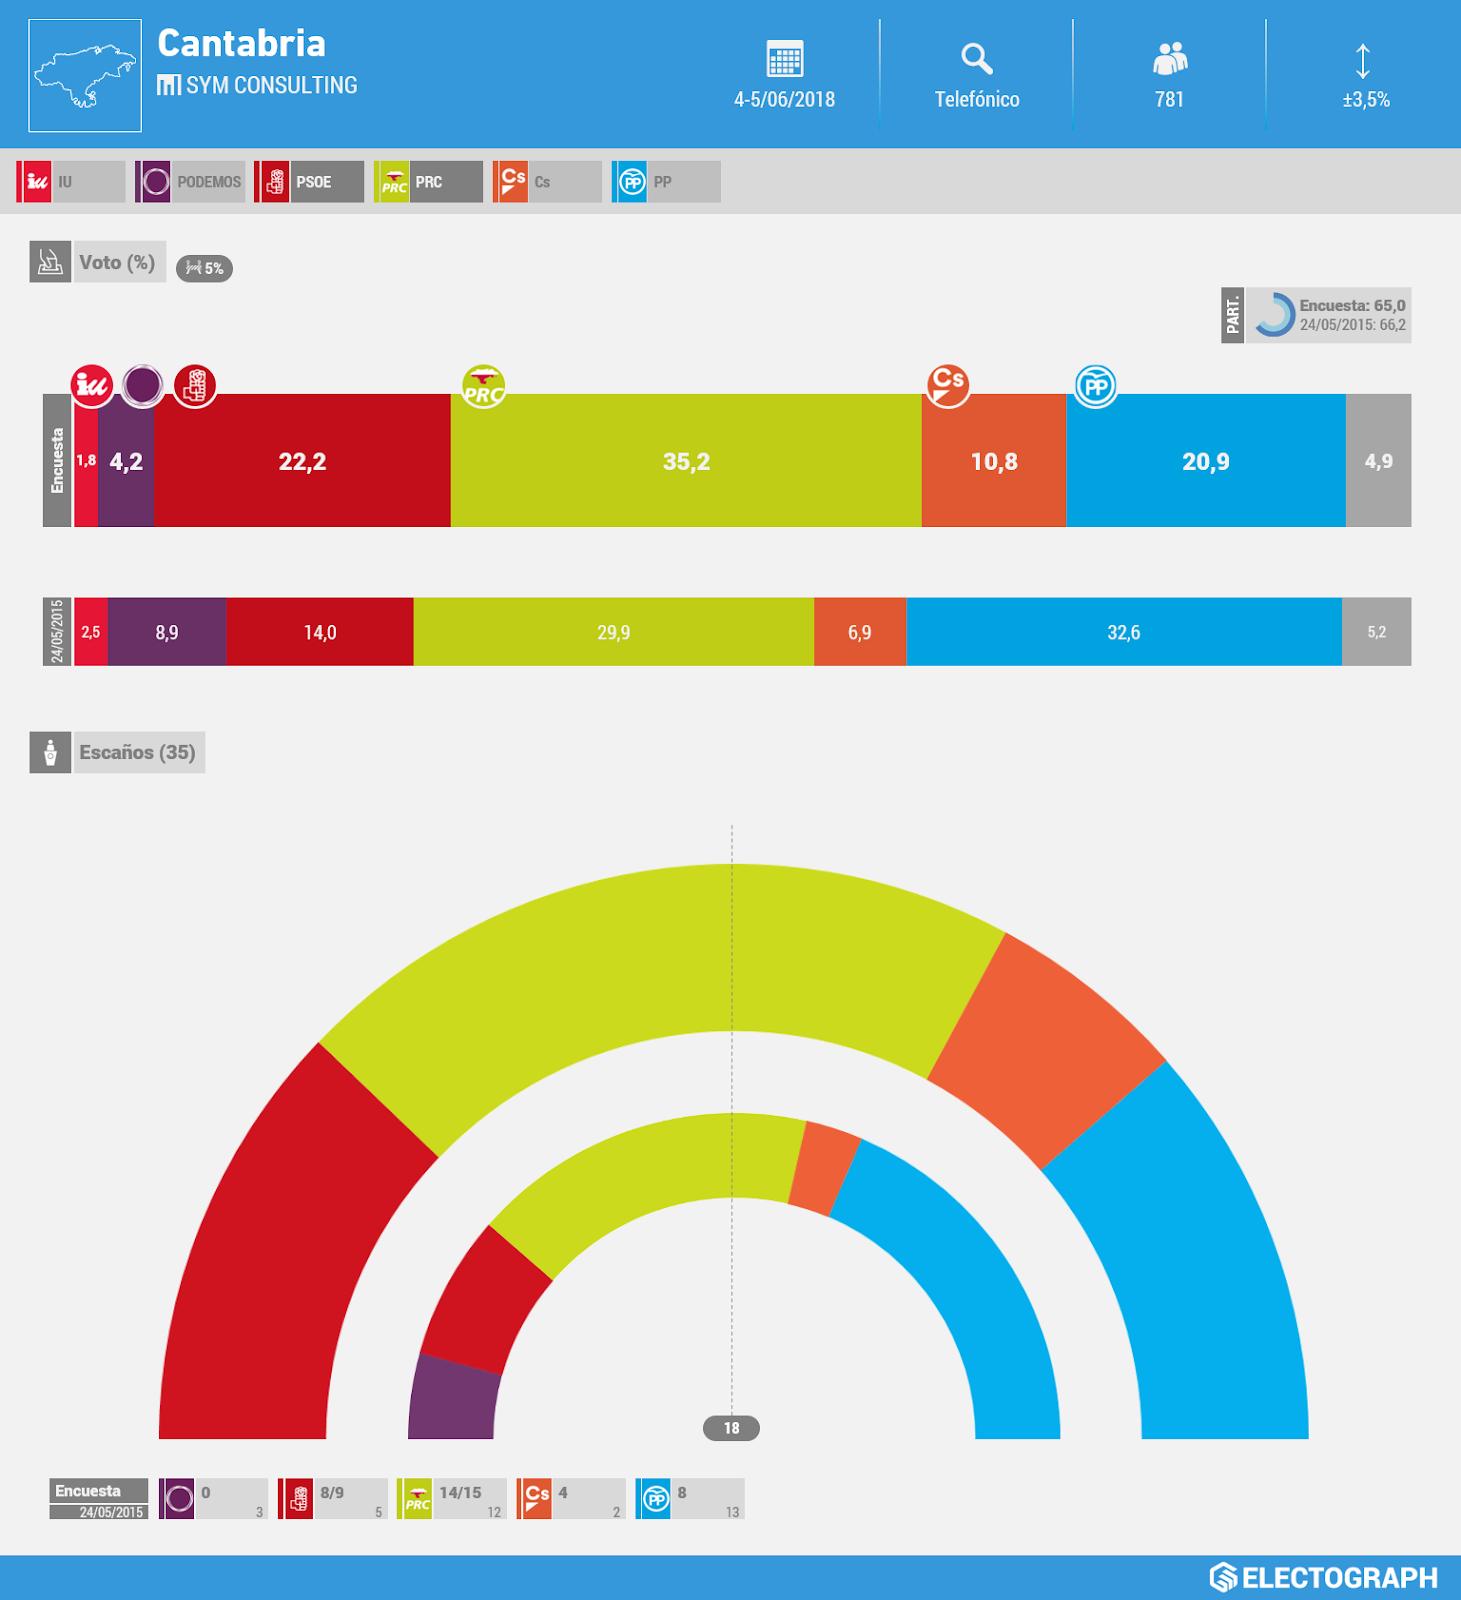 Gráfico de la encuesta para elecciones autonómicas en Cantabria realizada por SyM Consulting en junio de 2018